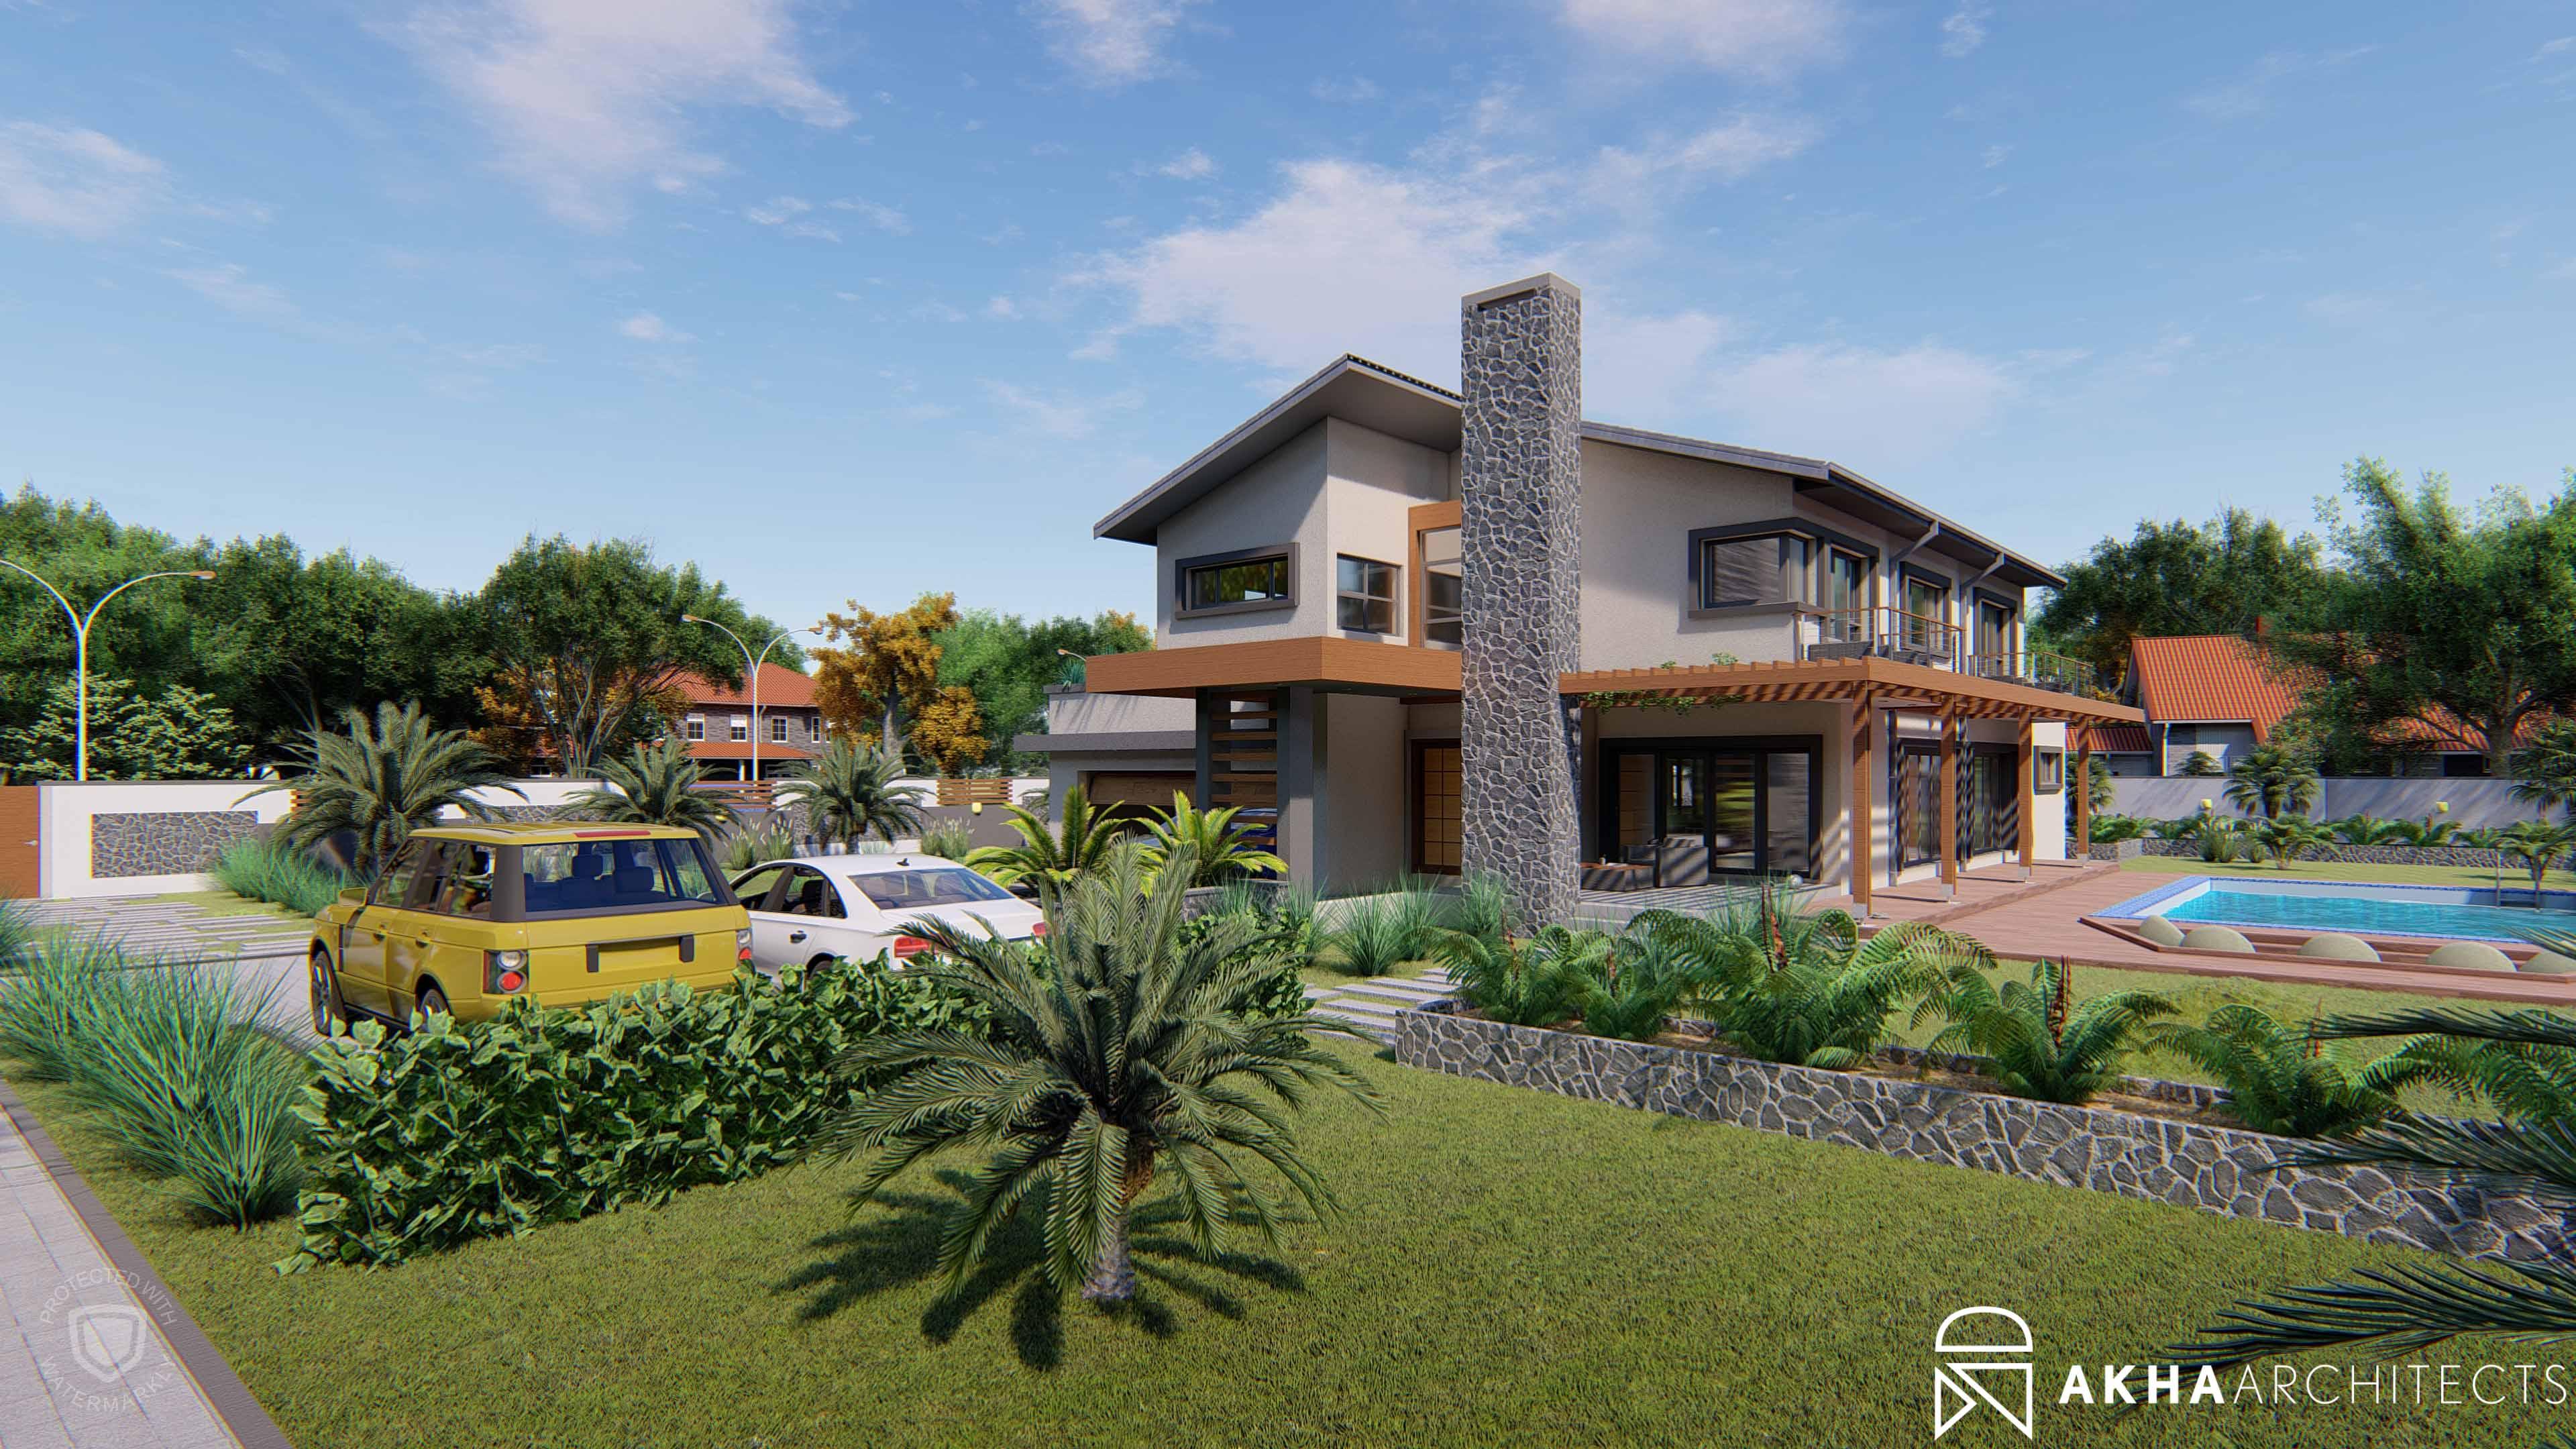 HOUSE CHIKUNDURA, WOODVILLE NORTH BULAWAYO